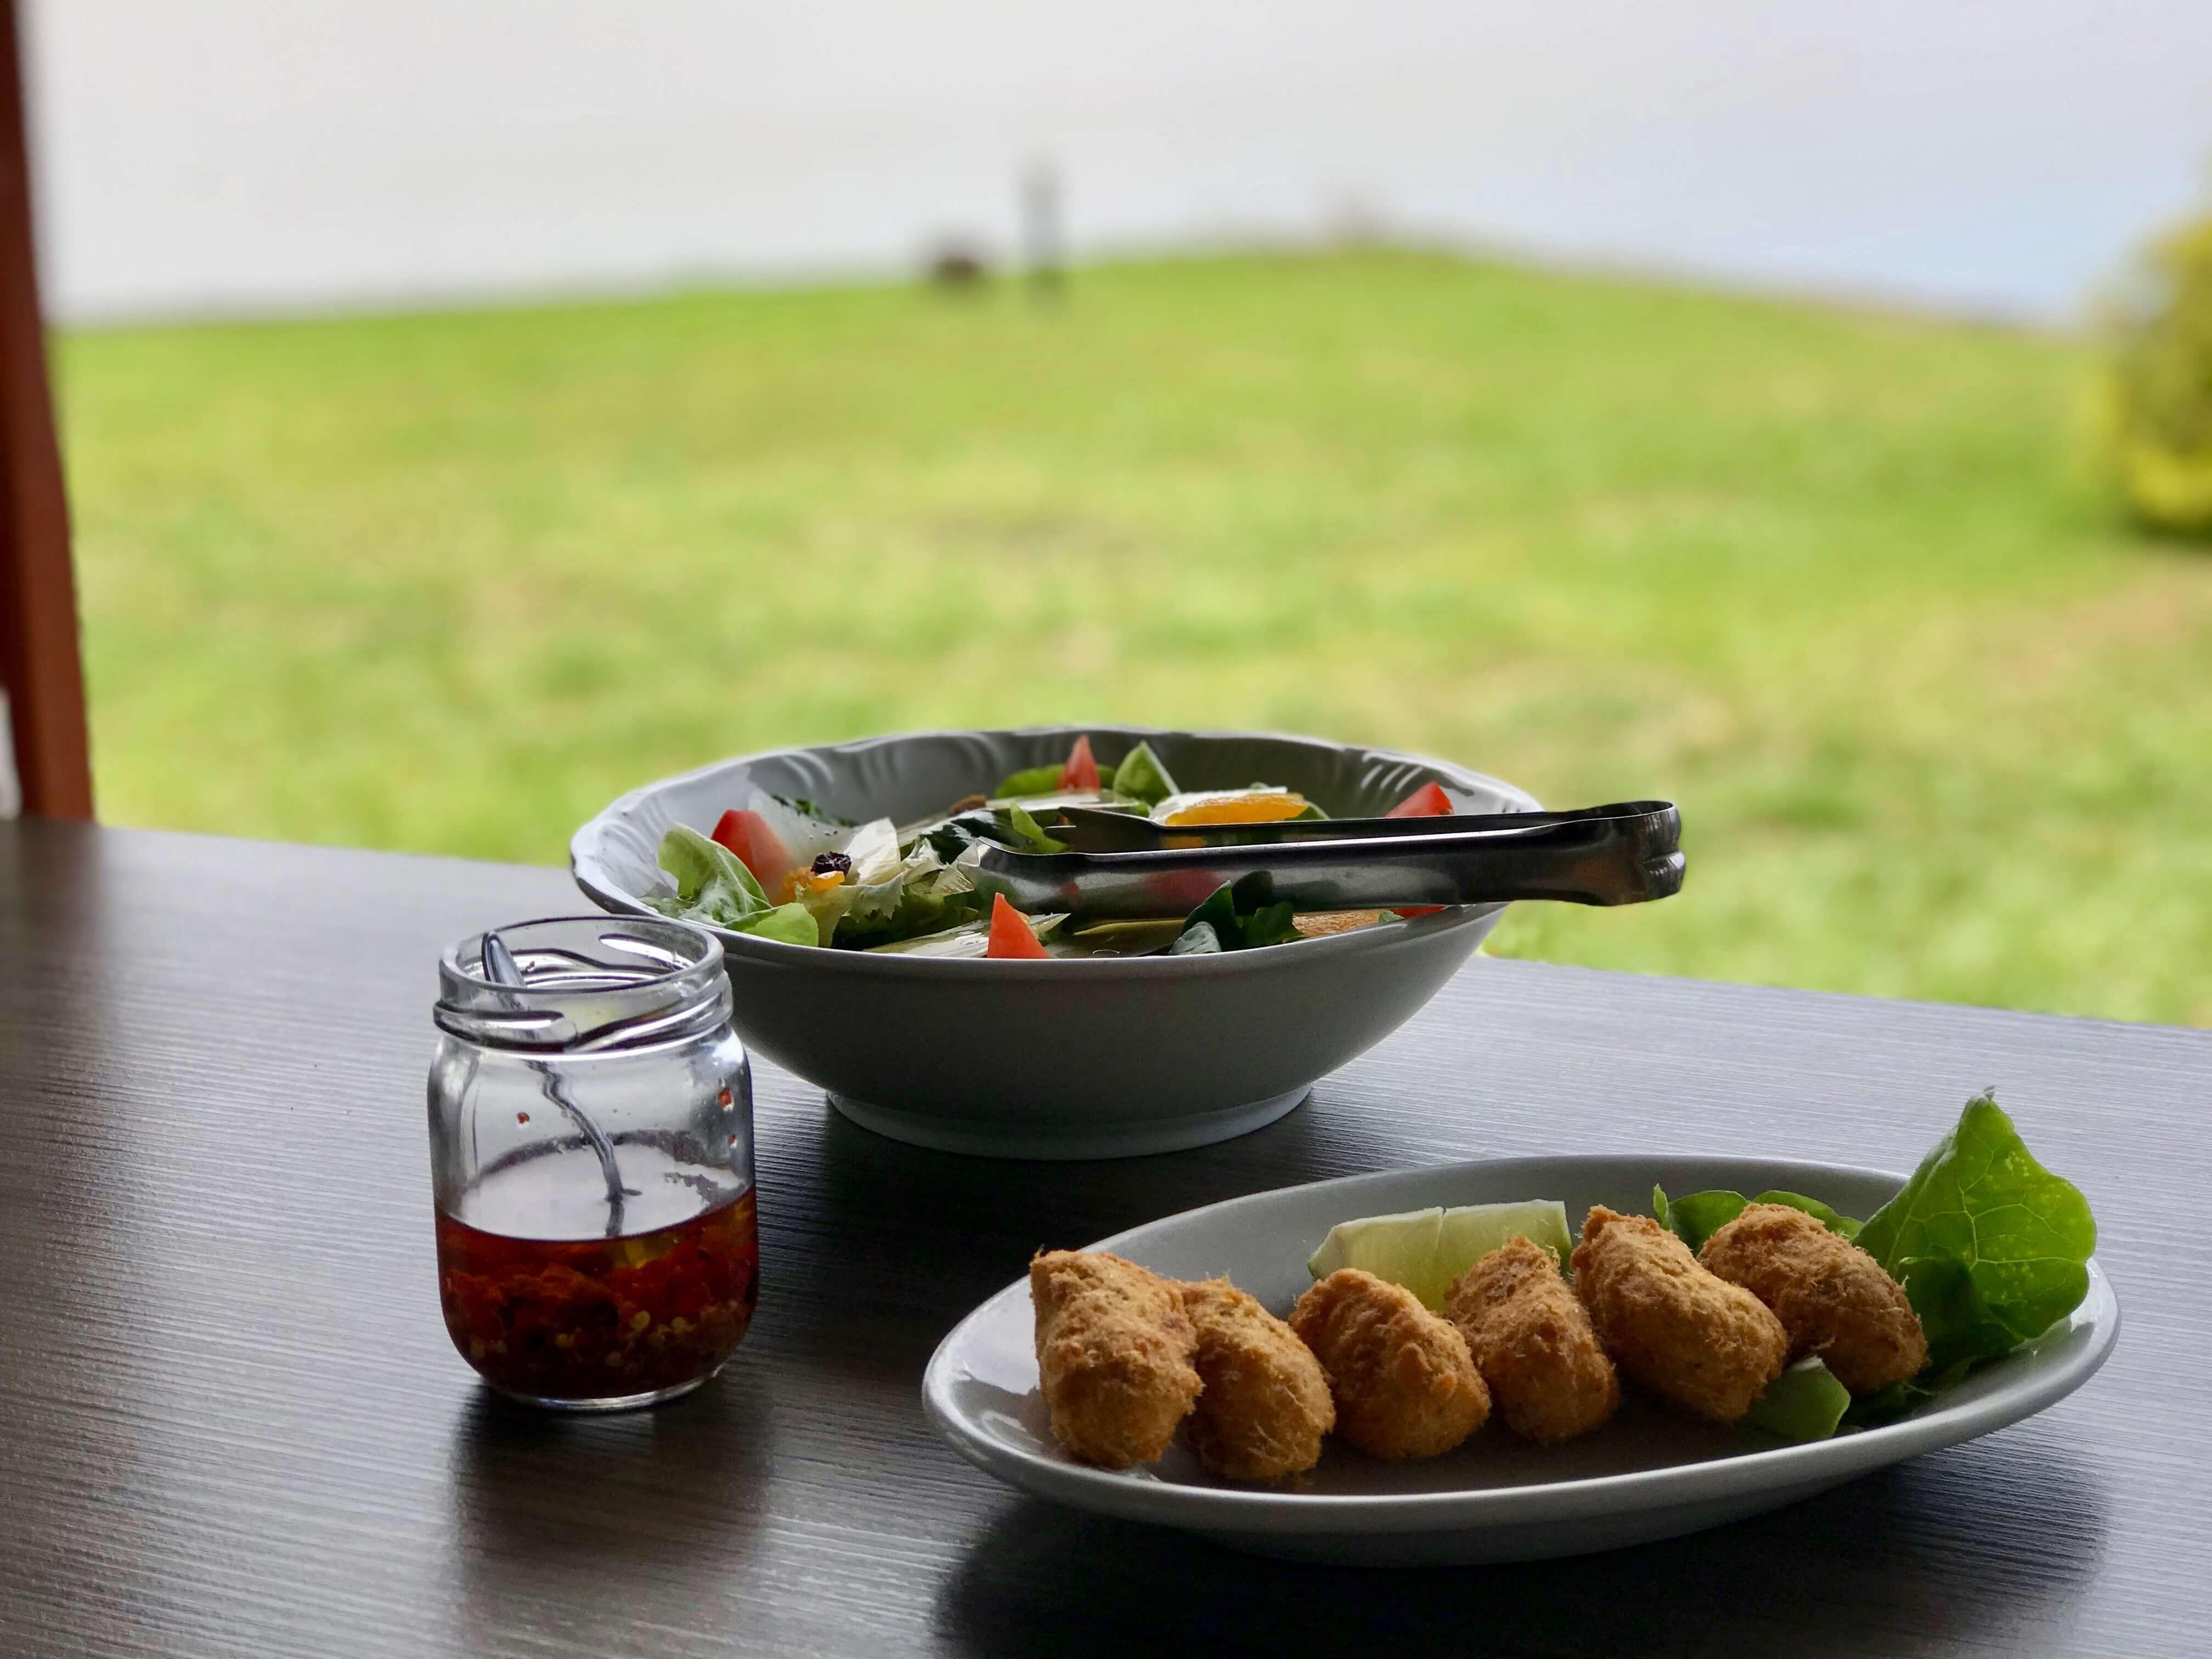 bolinho de bacalhau, salada e pote de pimenta